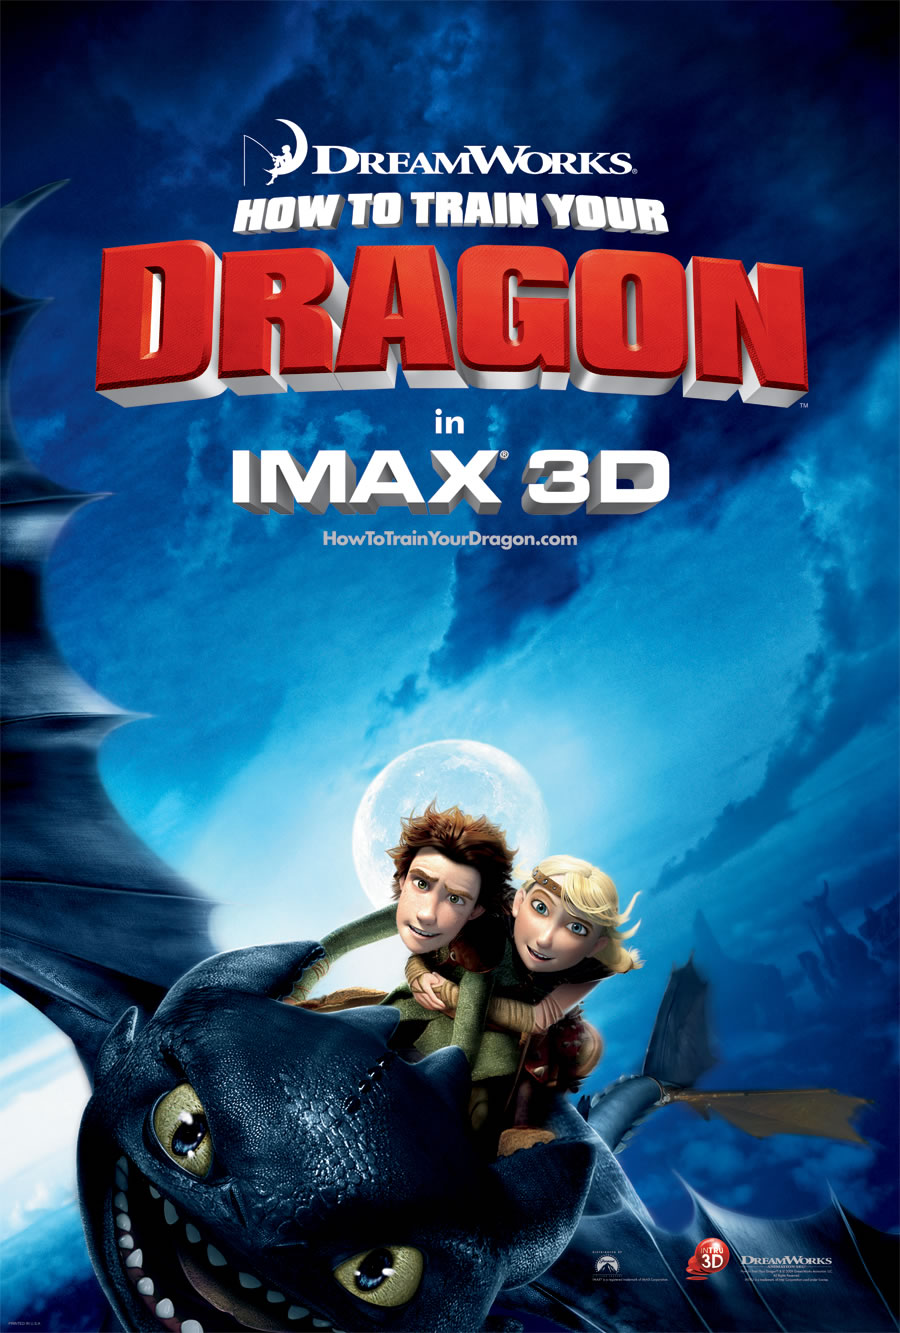 Assistir FilmeComo Treinar o seu Dragão – Dublado Assistir Como Treinar o seu Dragão Dublado | Filmes Online Gratis